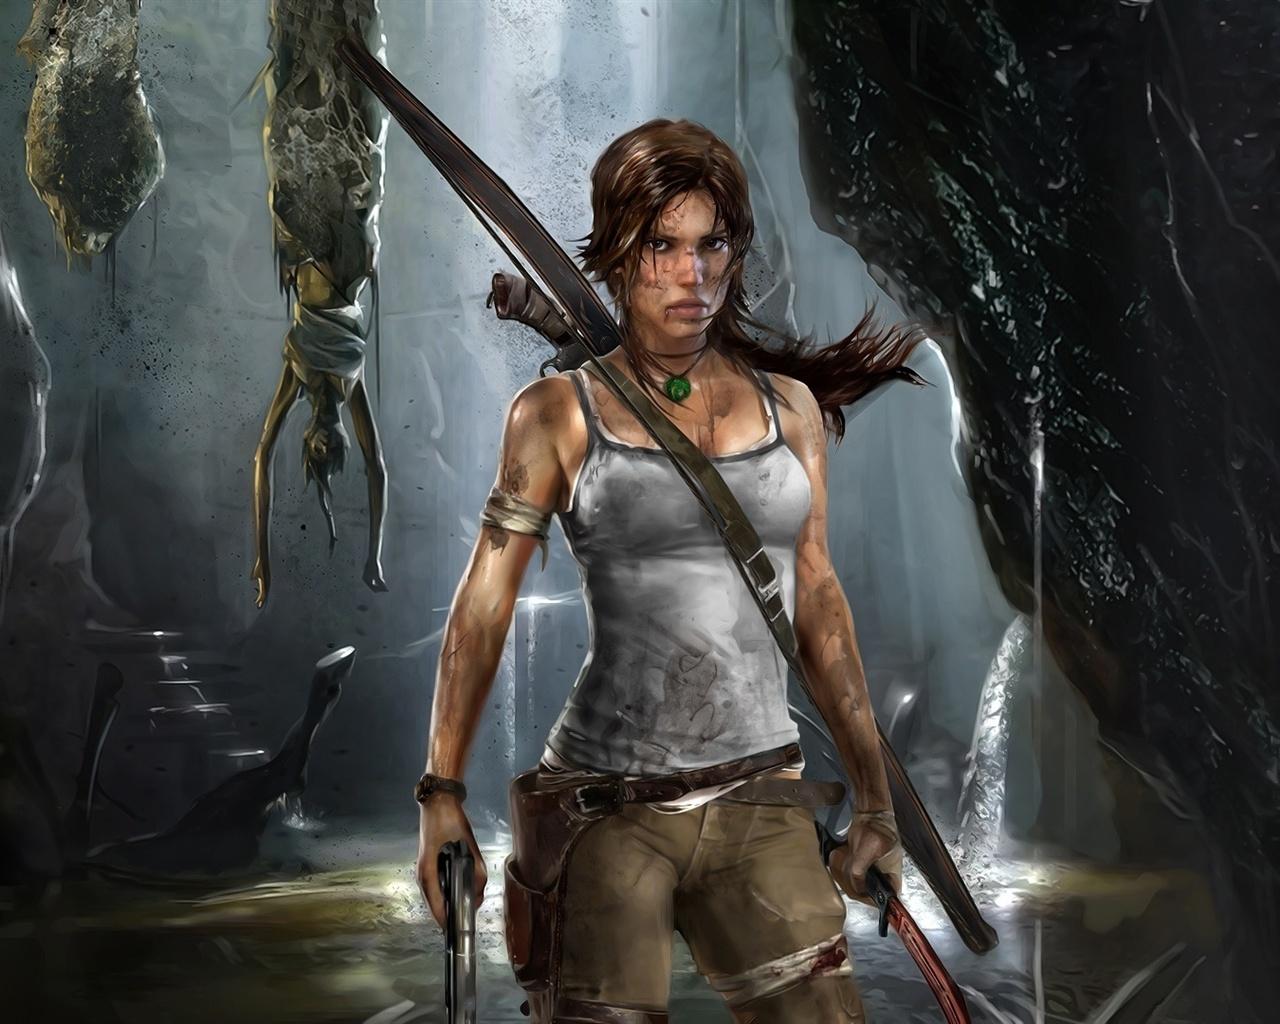 Wallpaper Lara Croft In Tomb Raider 9 Wide 1920x1080 Full Hd